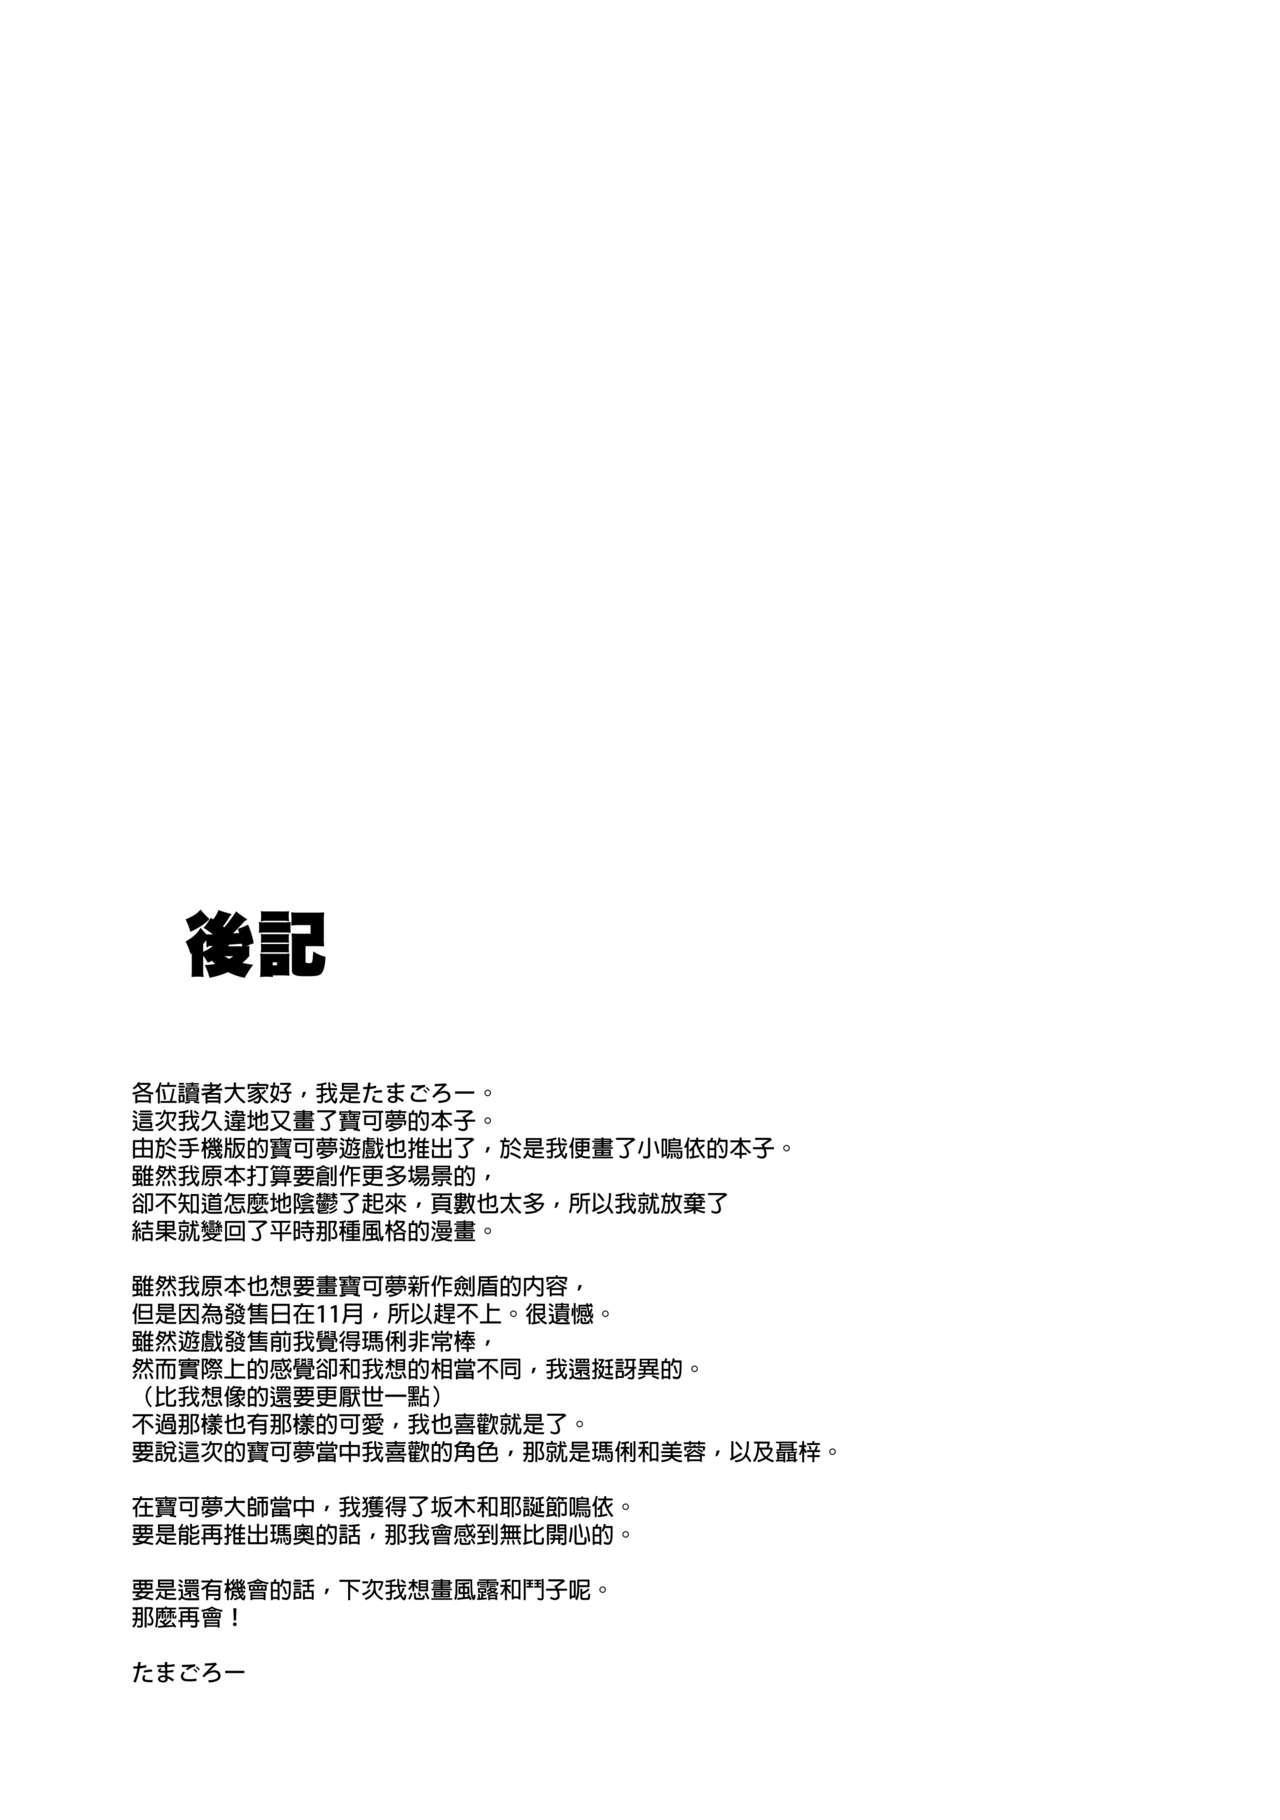 Tabi no Kiroku ni 21